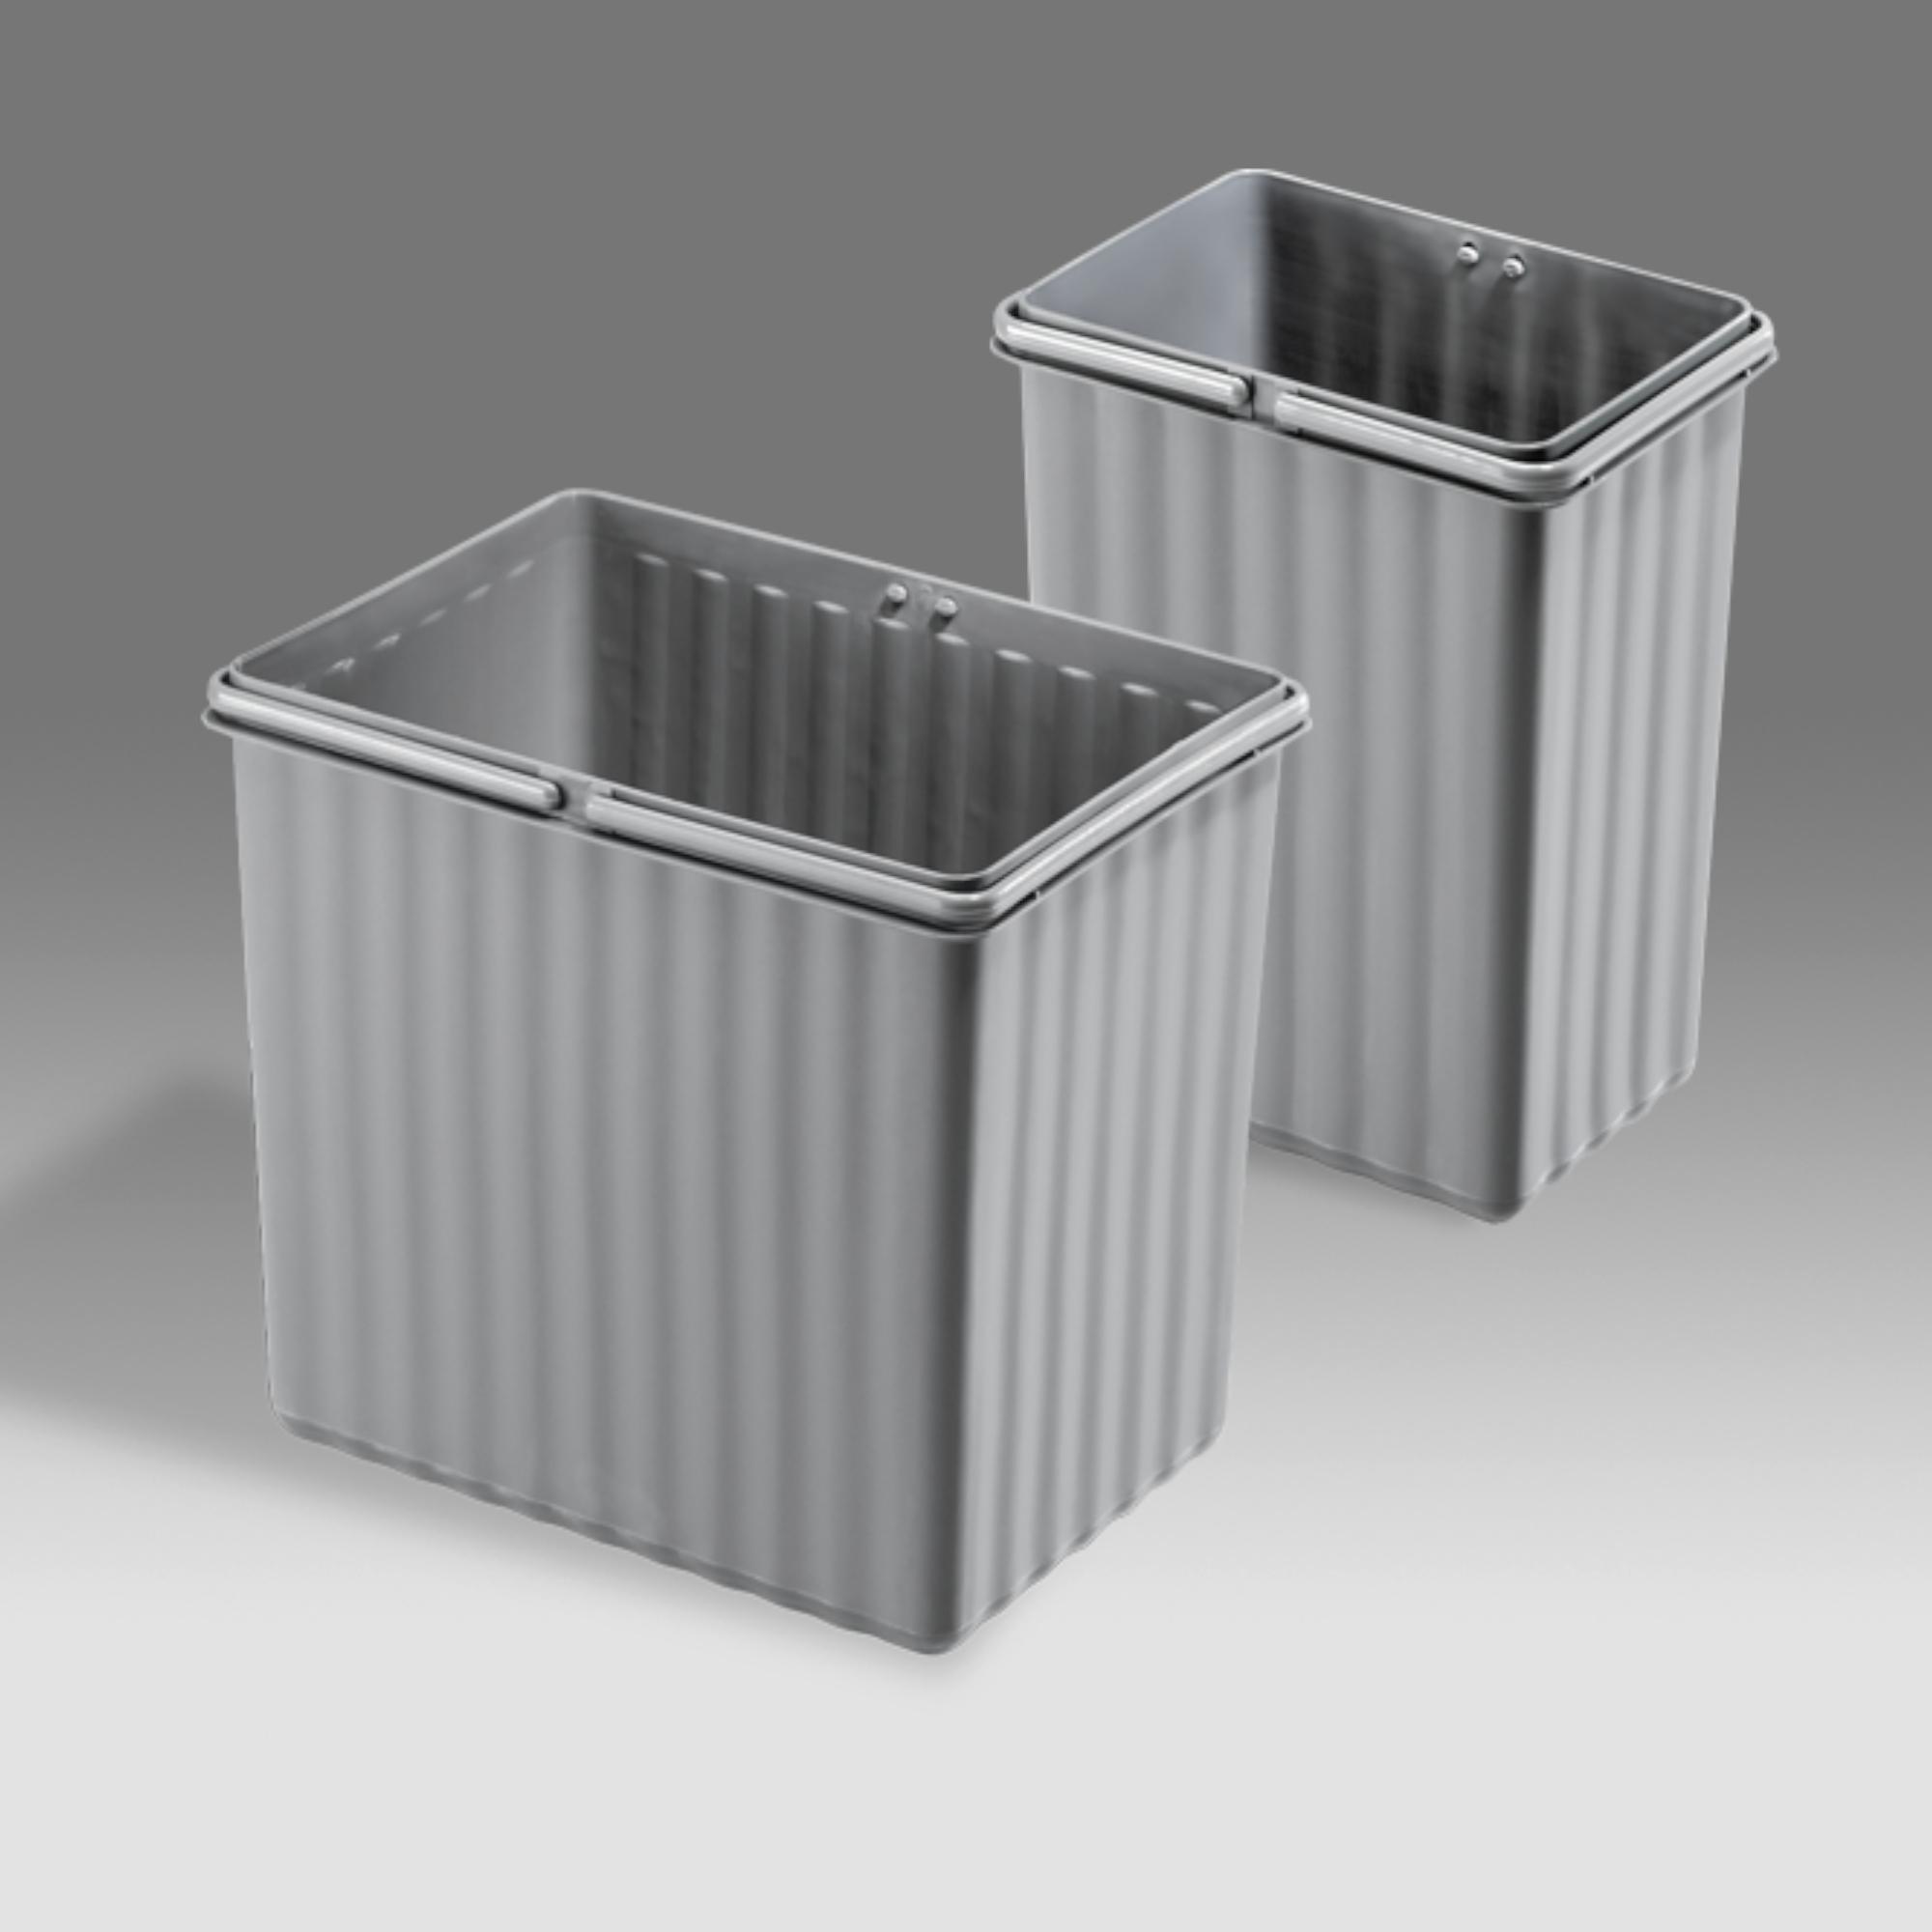 WESCO Einsatz 7,5 Liter Alugrau zu Wesco Pullboy Flex